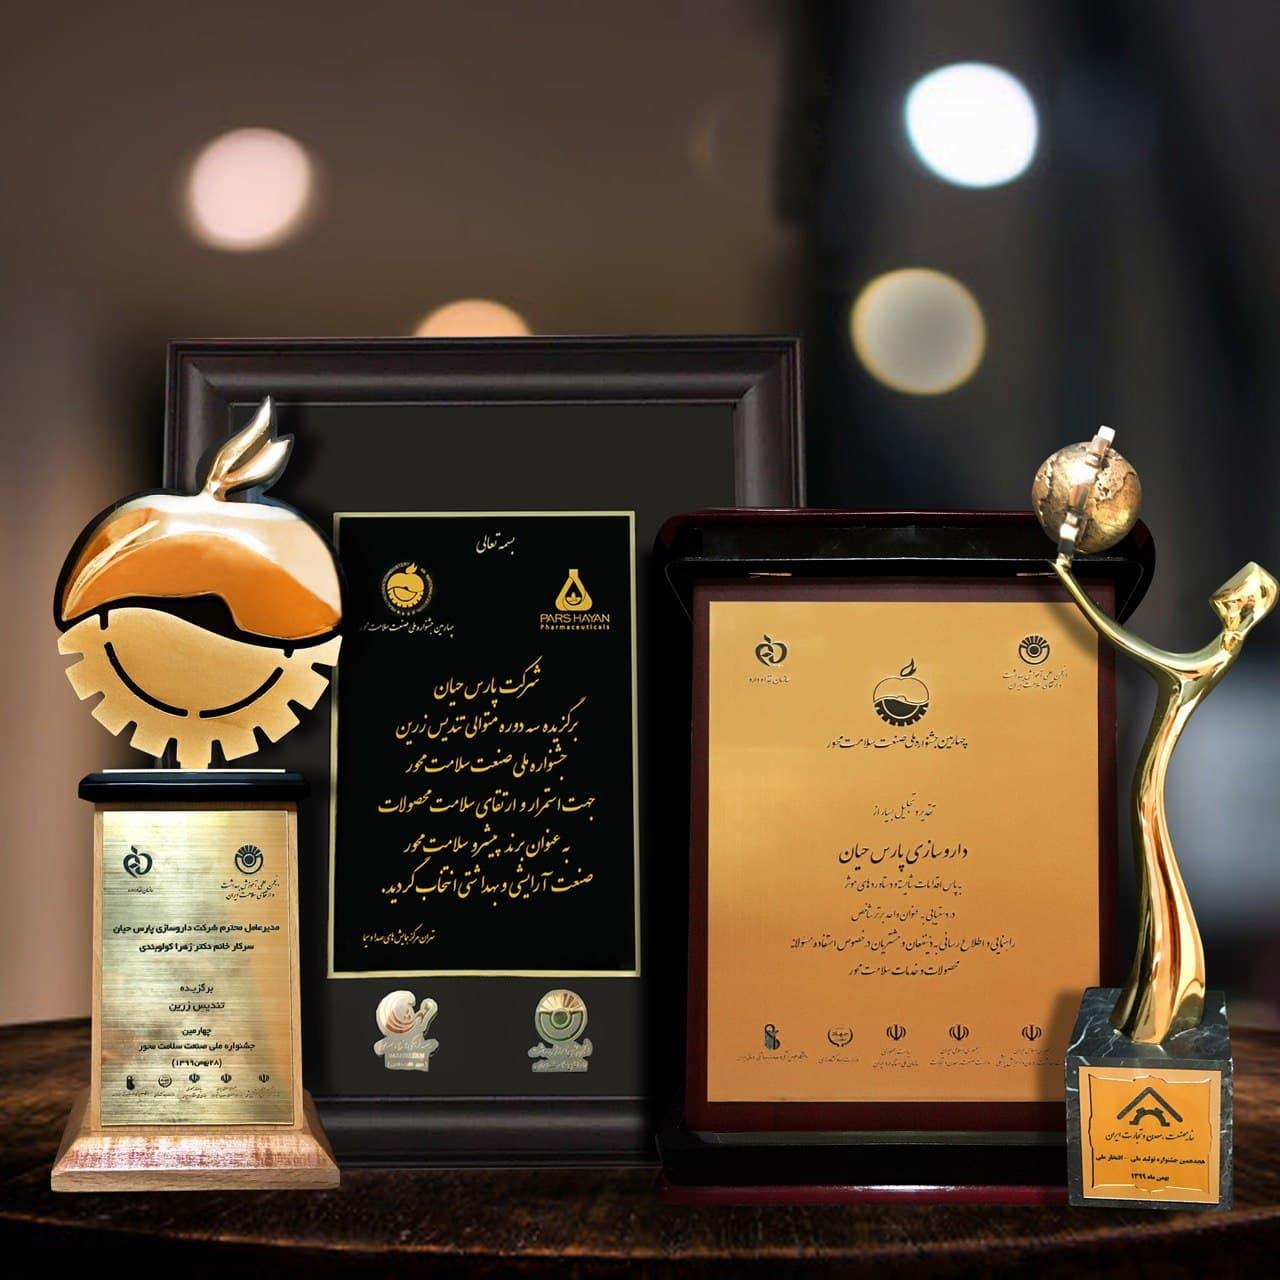 پارس حیان برای سومین سال طلایی شد/ کسب 4 جایزه بزرگ ملی در یک روز